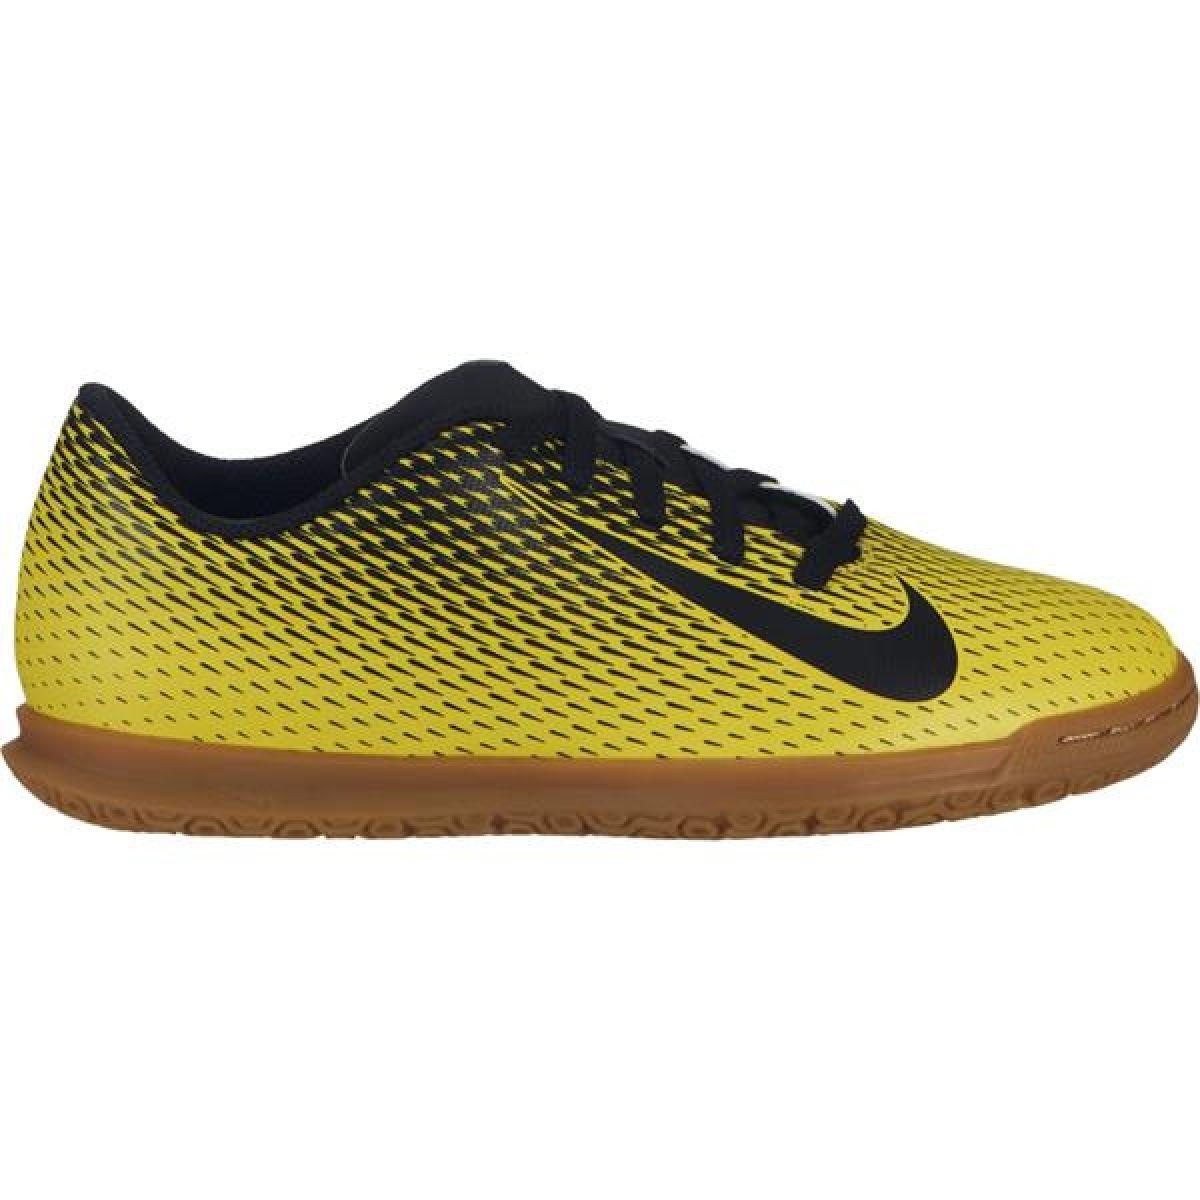 Hallenschuhe Nike Bravatax Ii Ic Jr 844438 701 Gelb Gelb